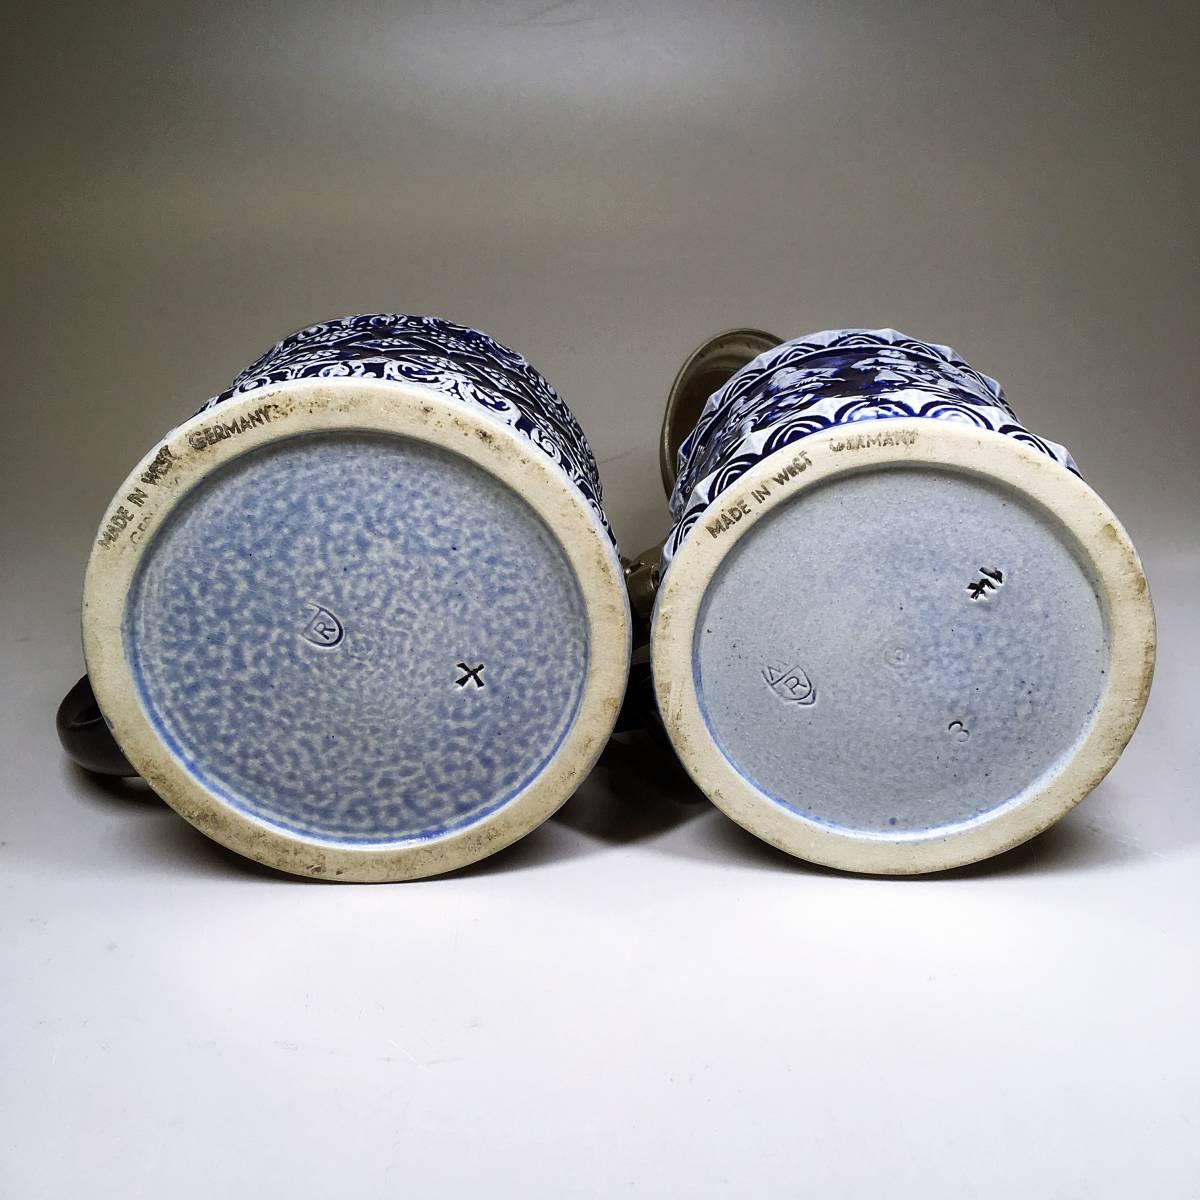 西ドイツ ビールジョッキ ビアグラス 2個セット 彫刻 ドイツスタイル 陶器製 グラス 蓋付 酒器_画像9